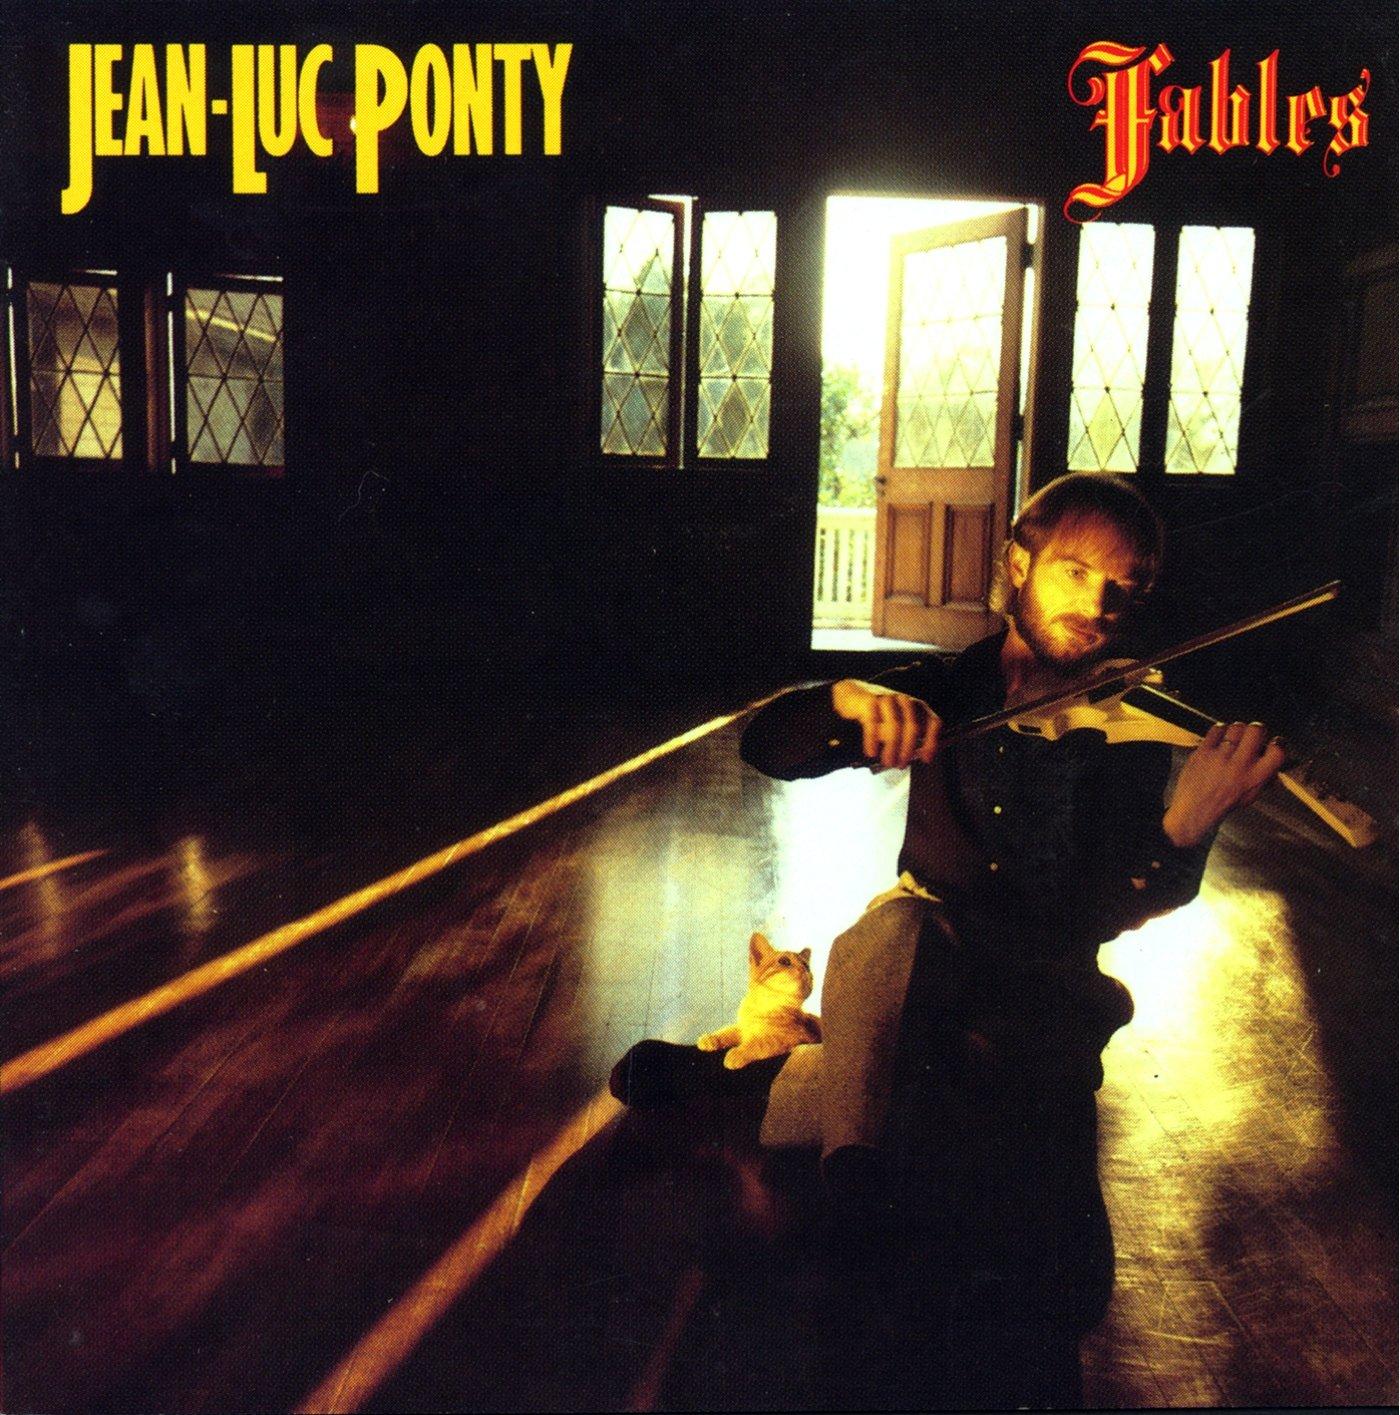 Ponty, Jean-Luc - Fables - Amazon.com Music